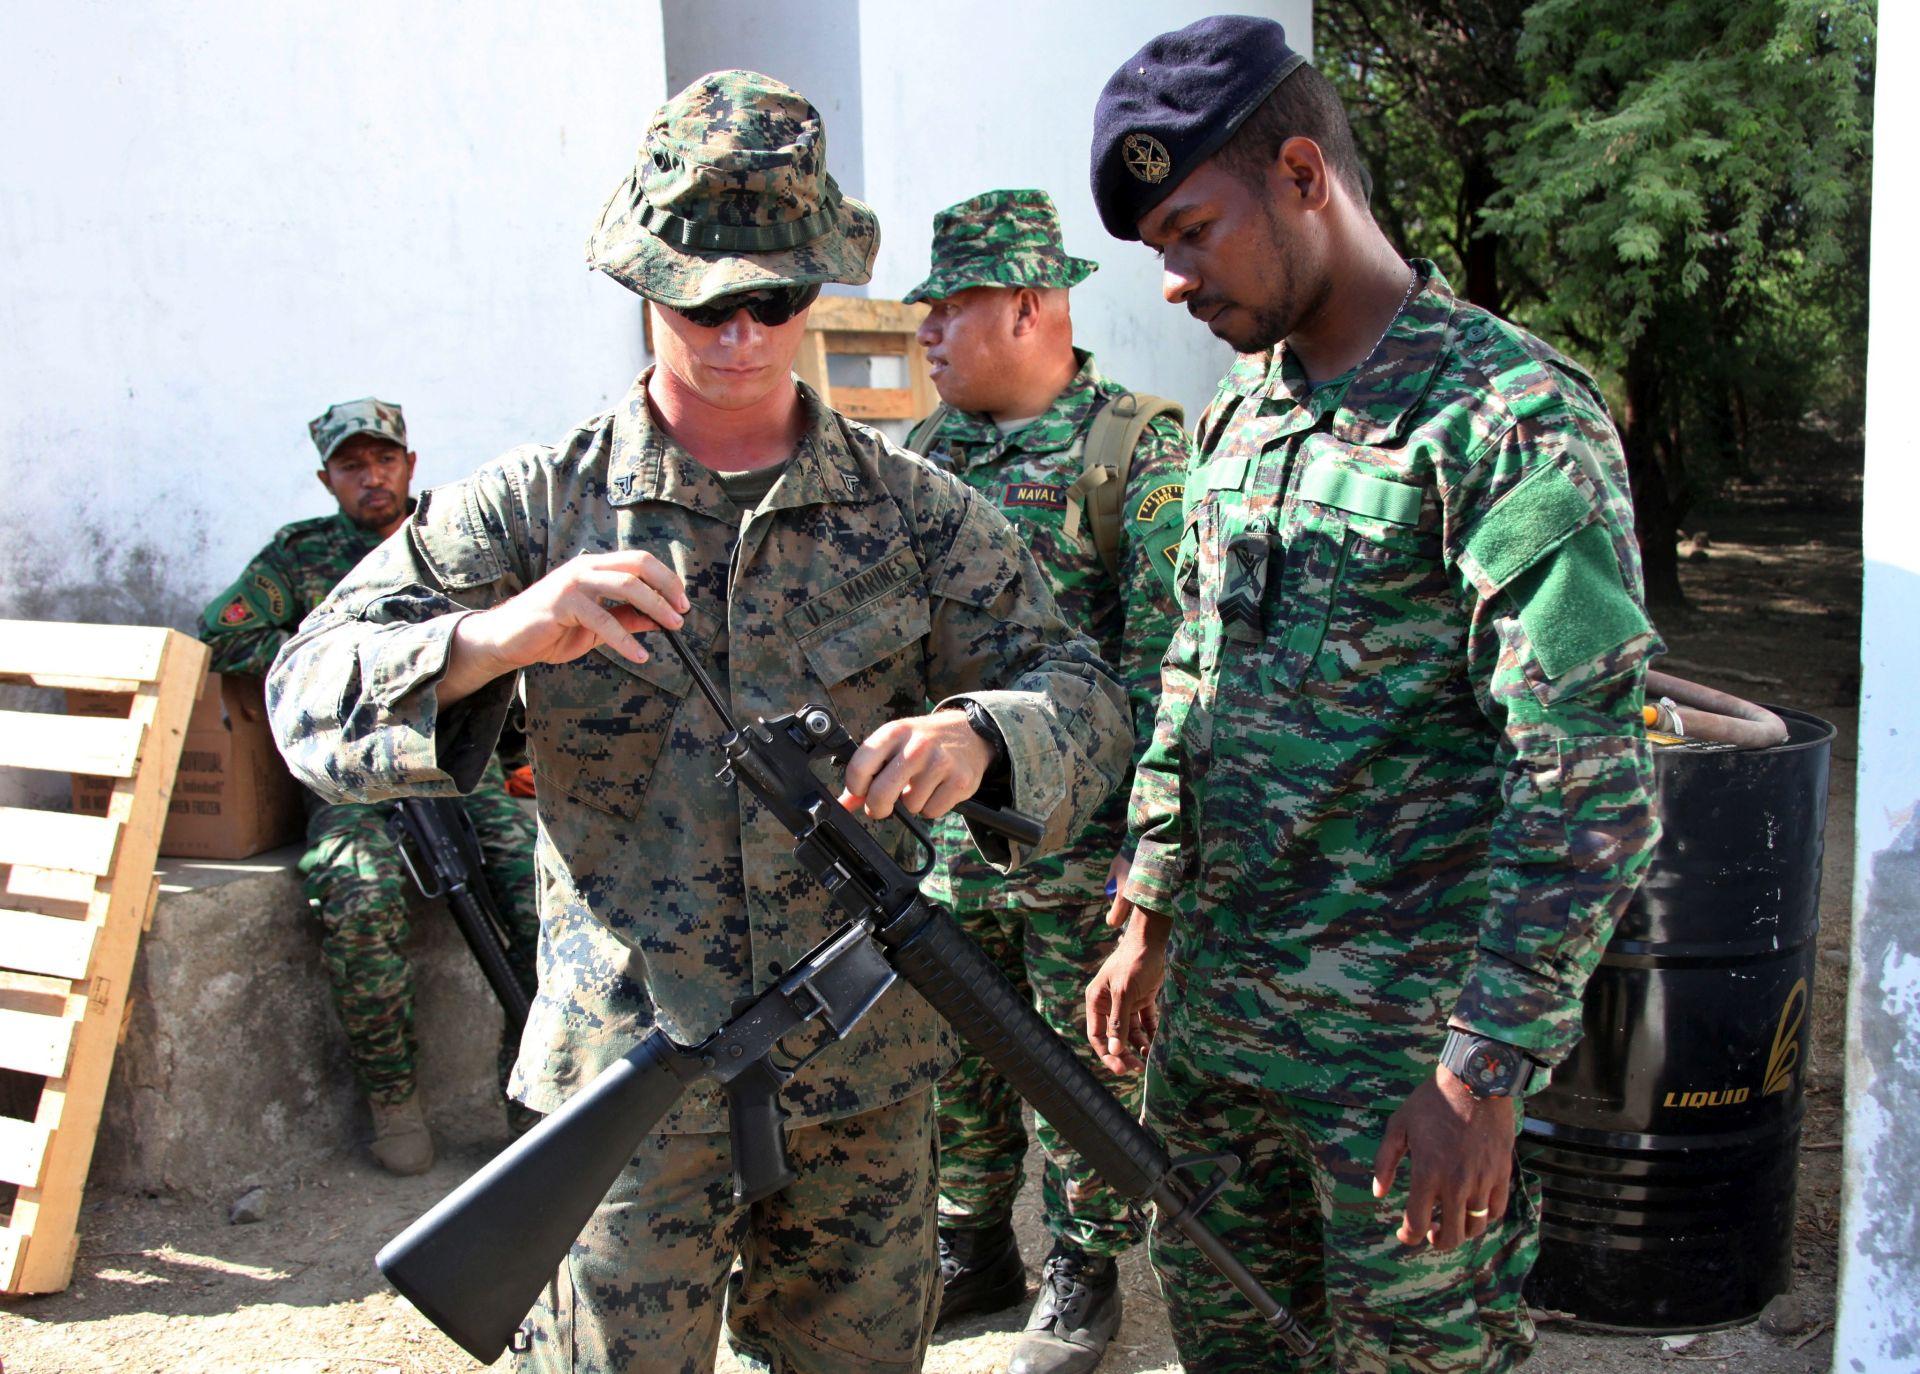 ČVRŠĆA OBRAMBENA SURADNJA: Vojno neutralna Finska u pregovorima sa SAD-om